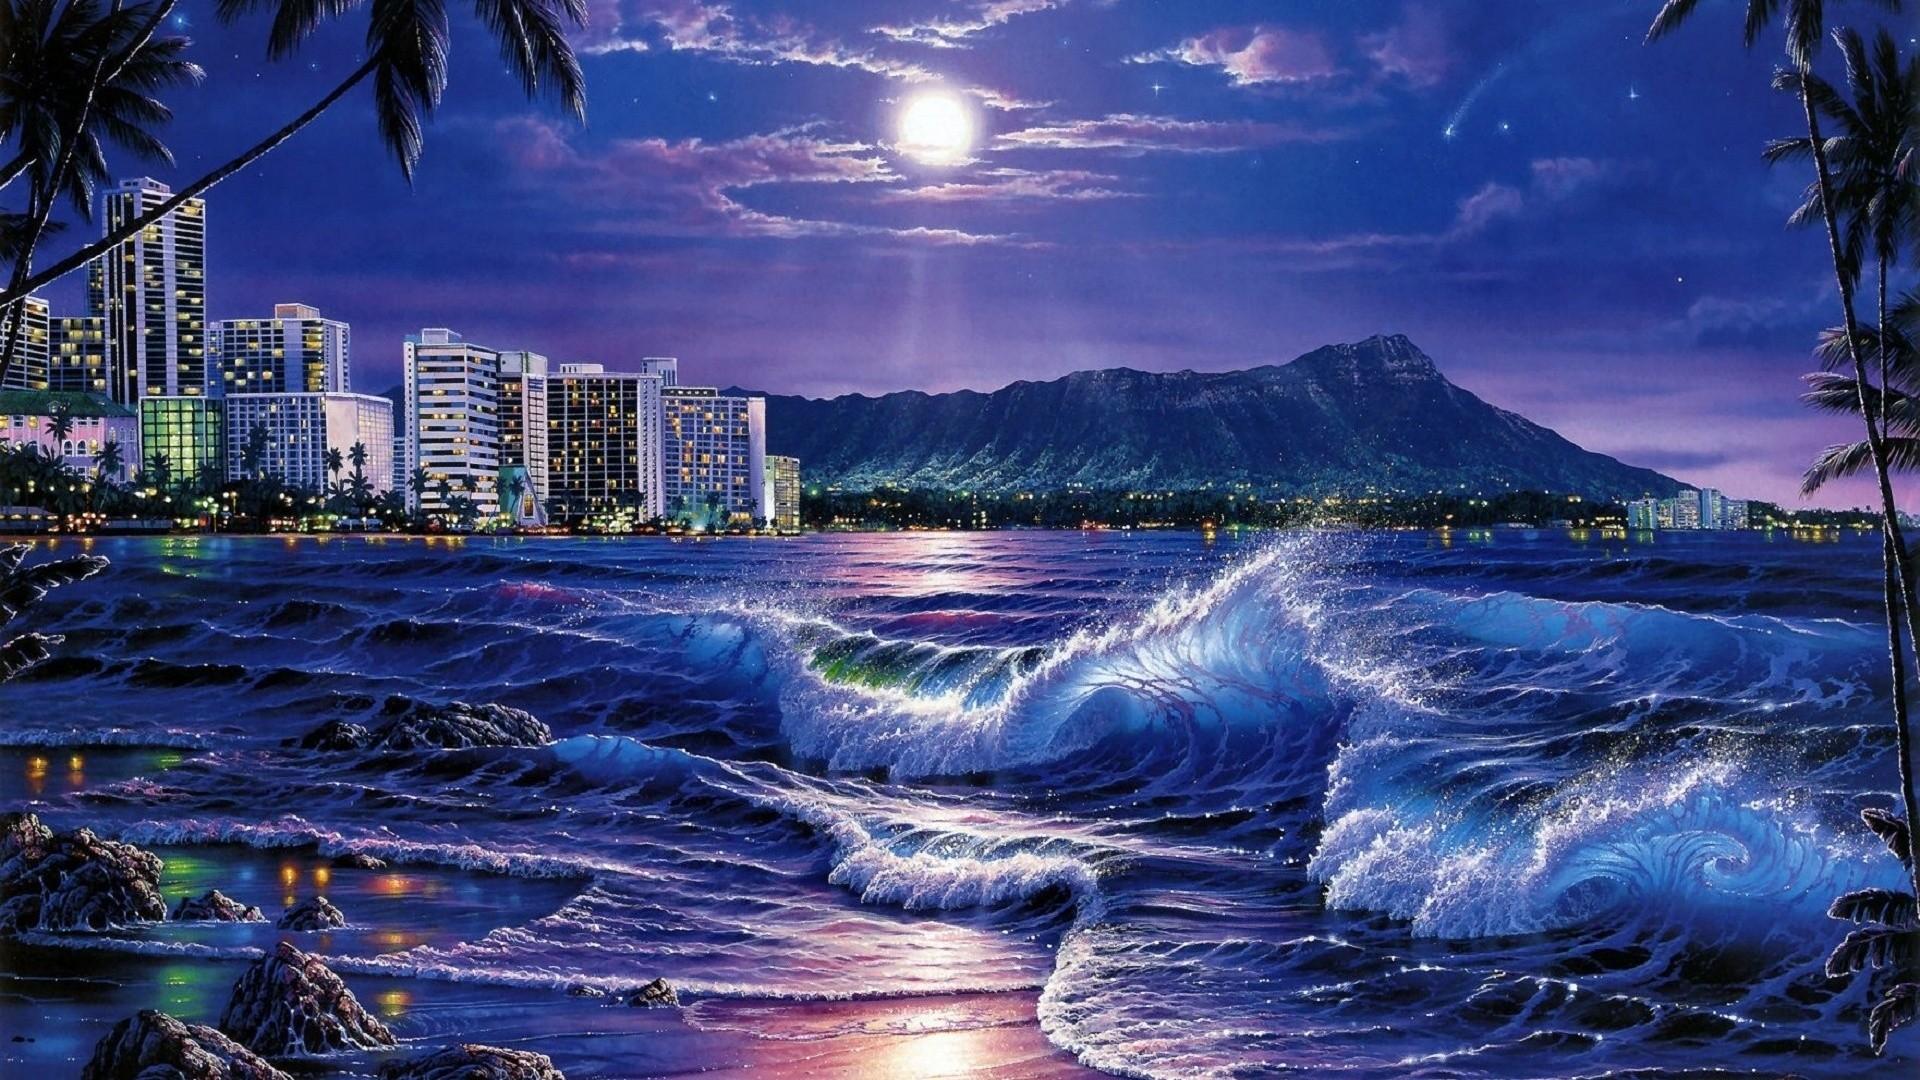 Ocean City Moon Night Hawaii